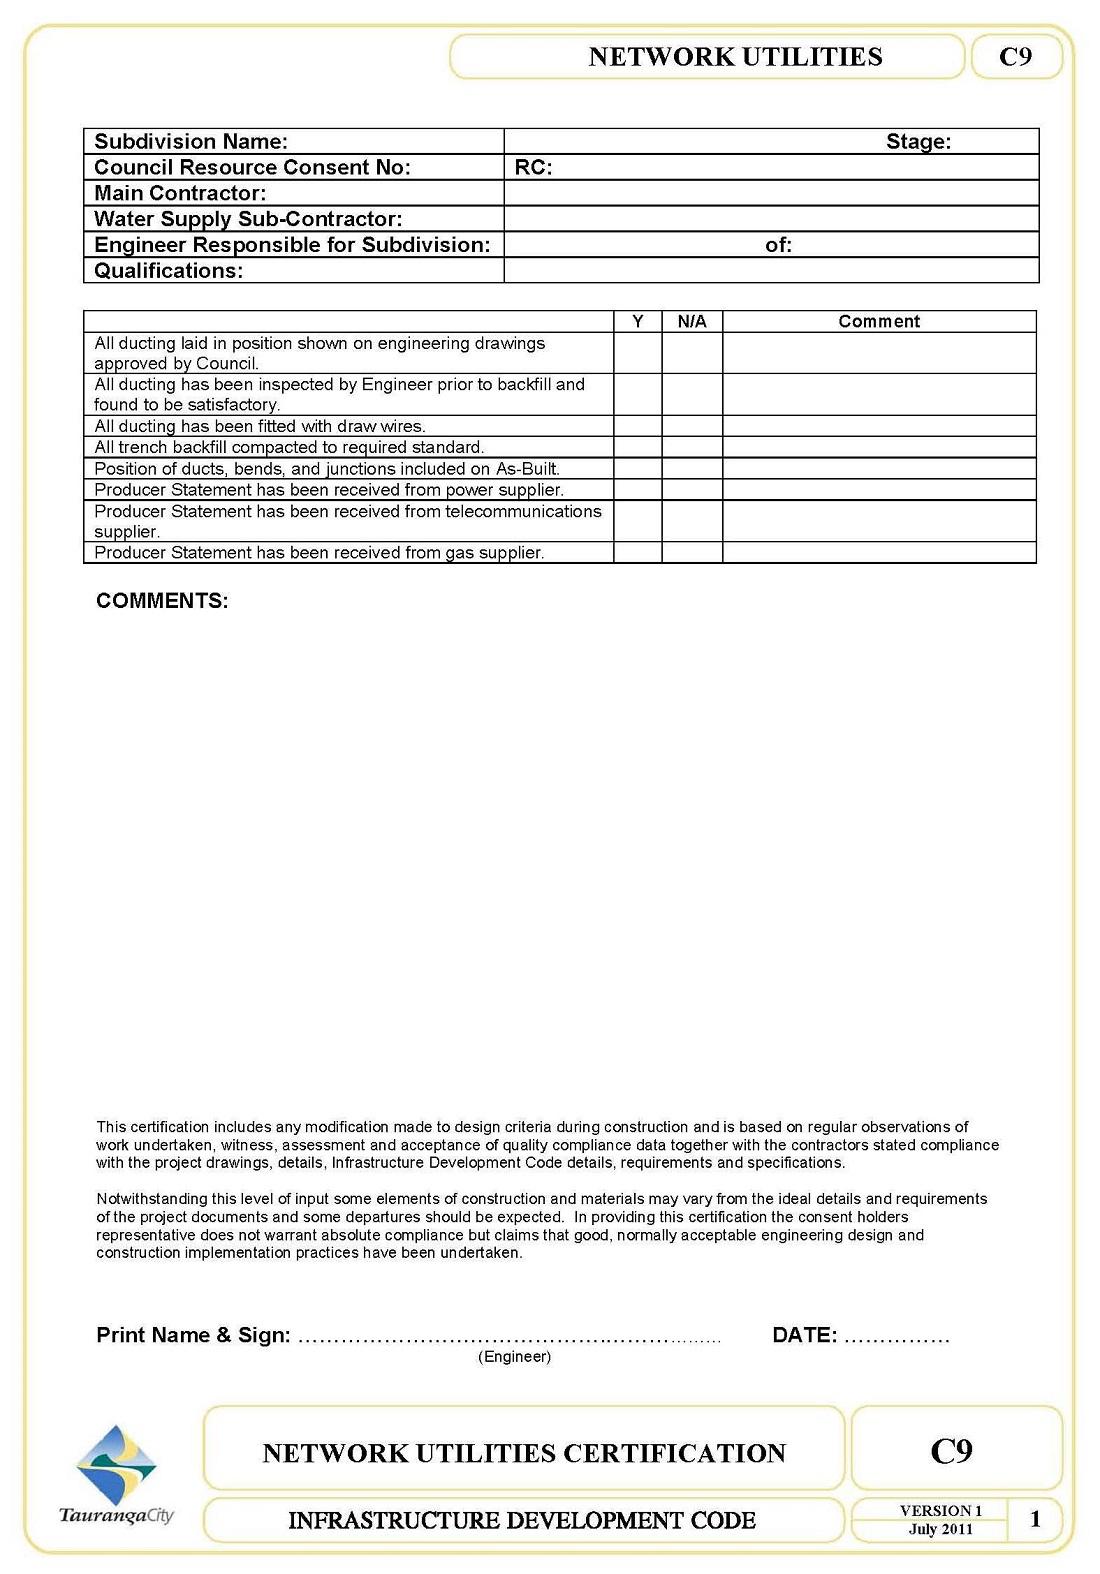 C9 Network Utilities Construction Certification